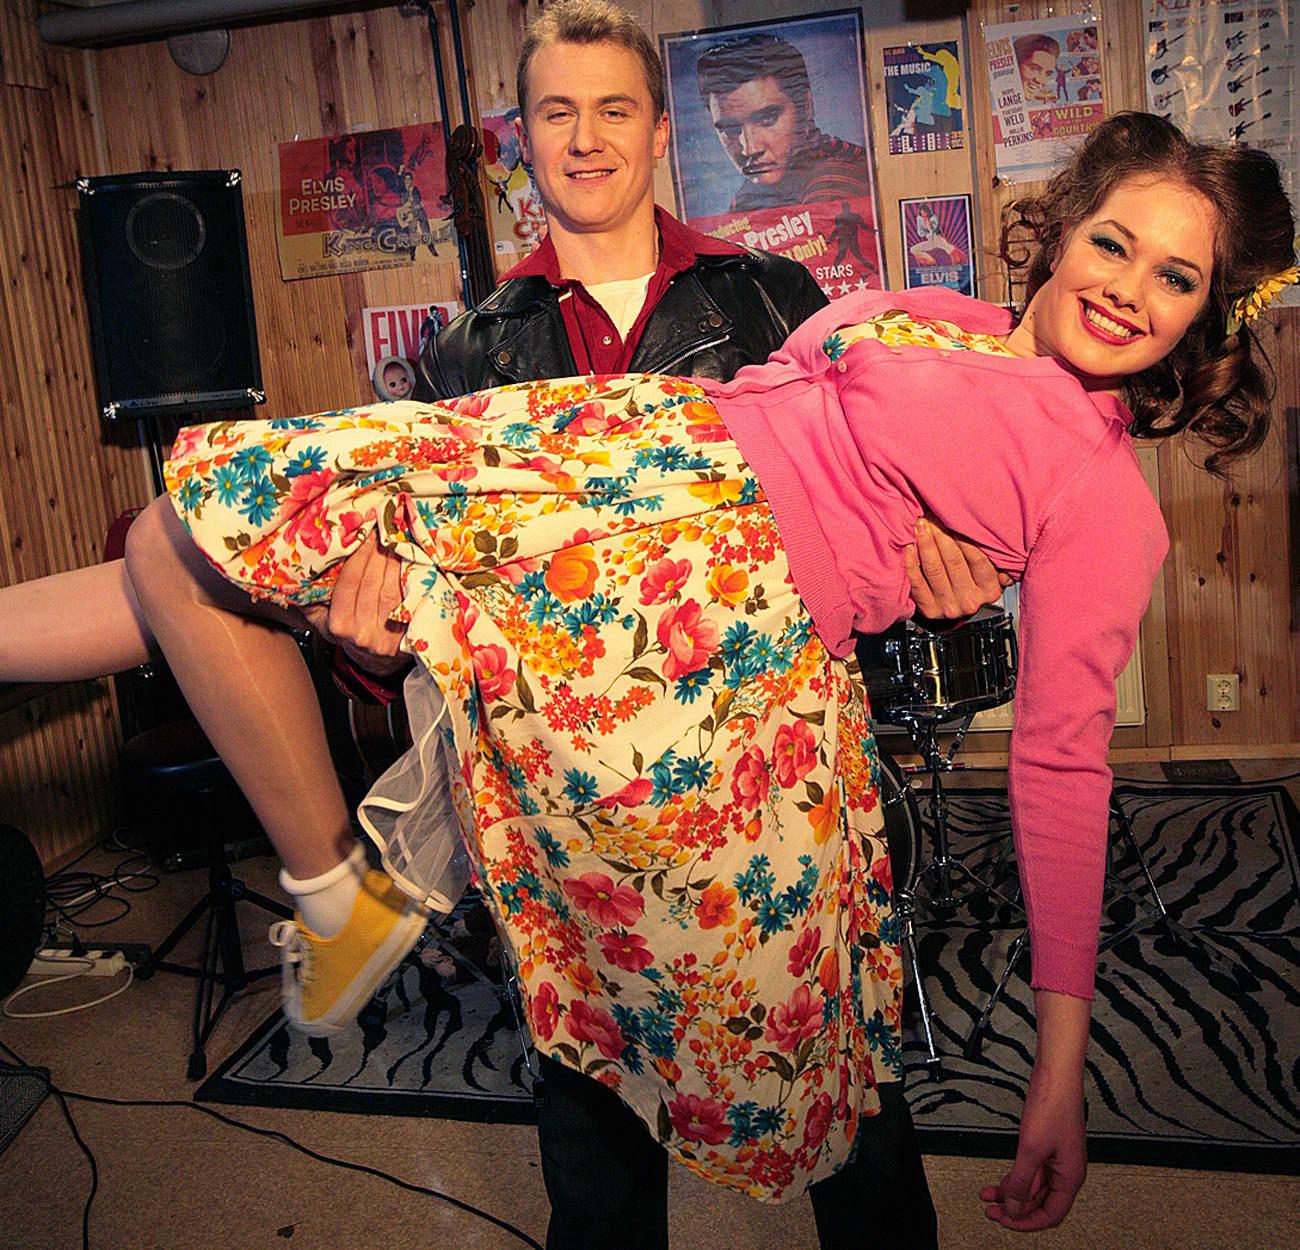 Kuvassa nuori mies sylissään nuori nainen teatterin näyttämöllä